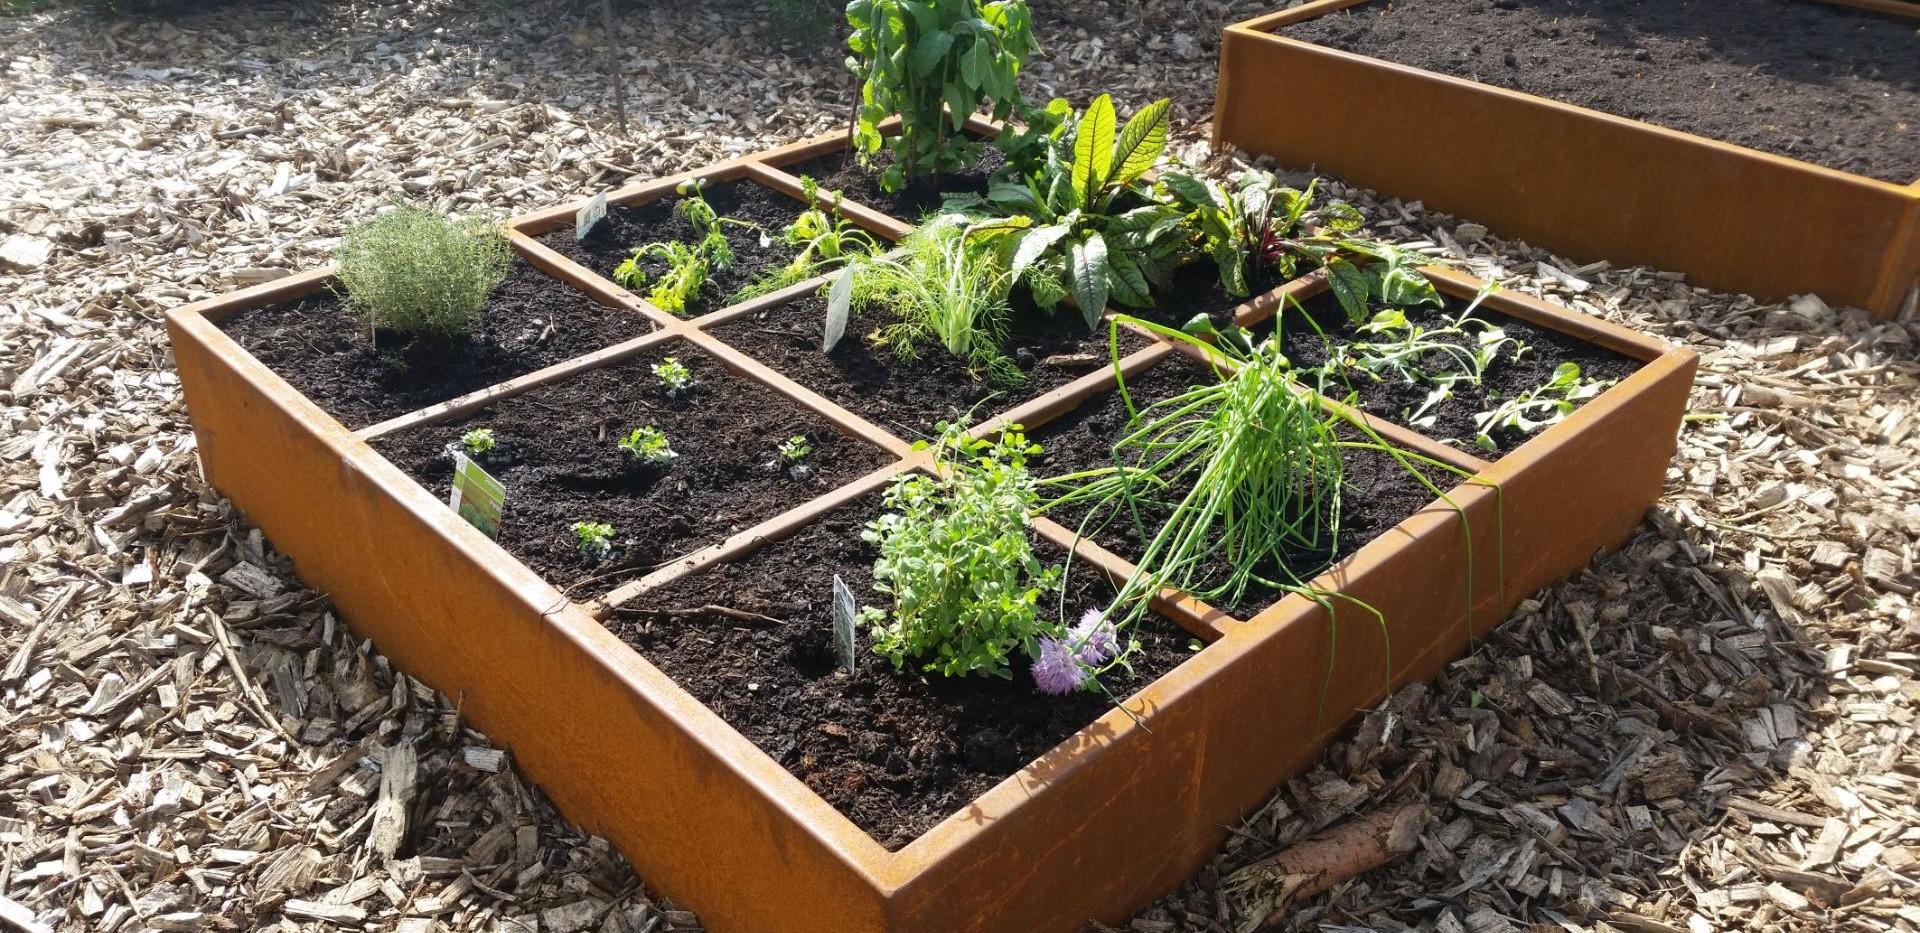 Vierkante meter plantenbak klein.jpg